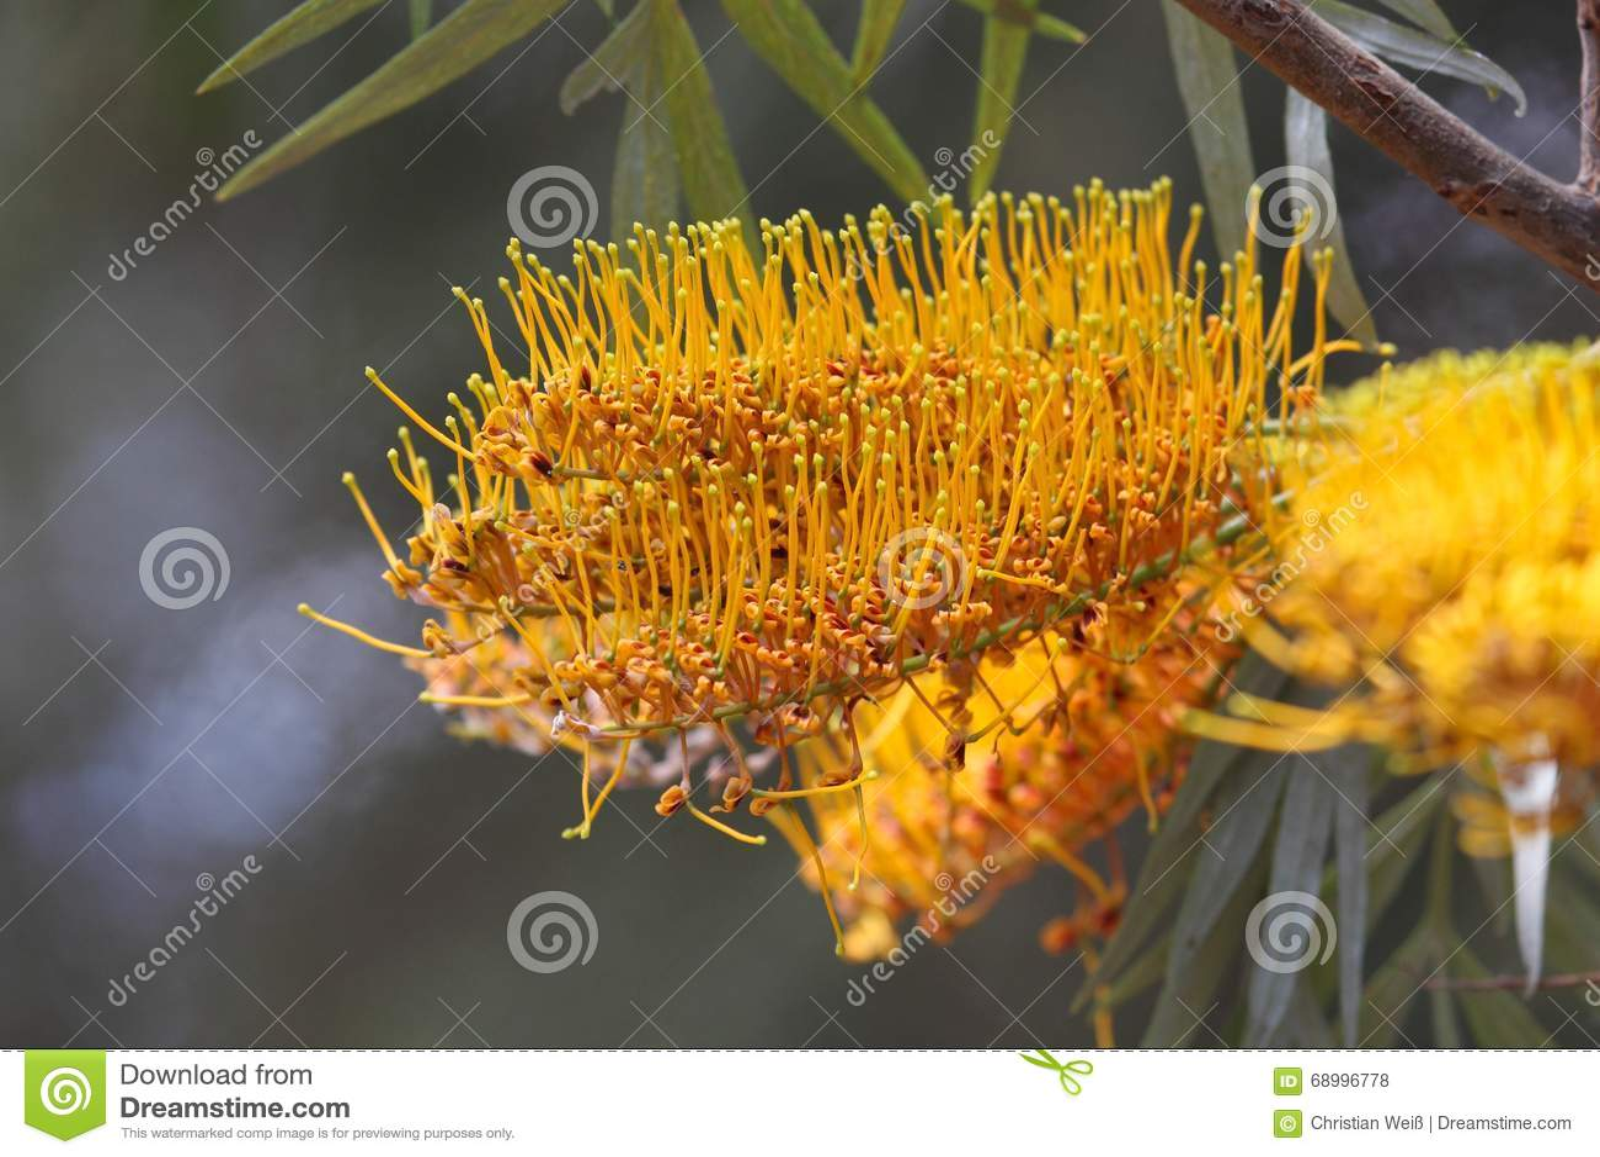 Fleurs D Un Chene Soyeux Ou Argente Photo Stock Image Du Ecologie